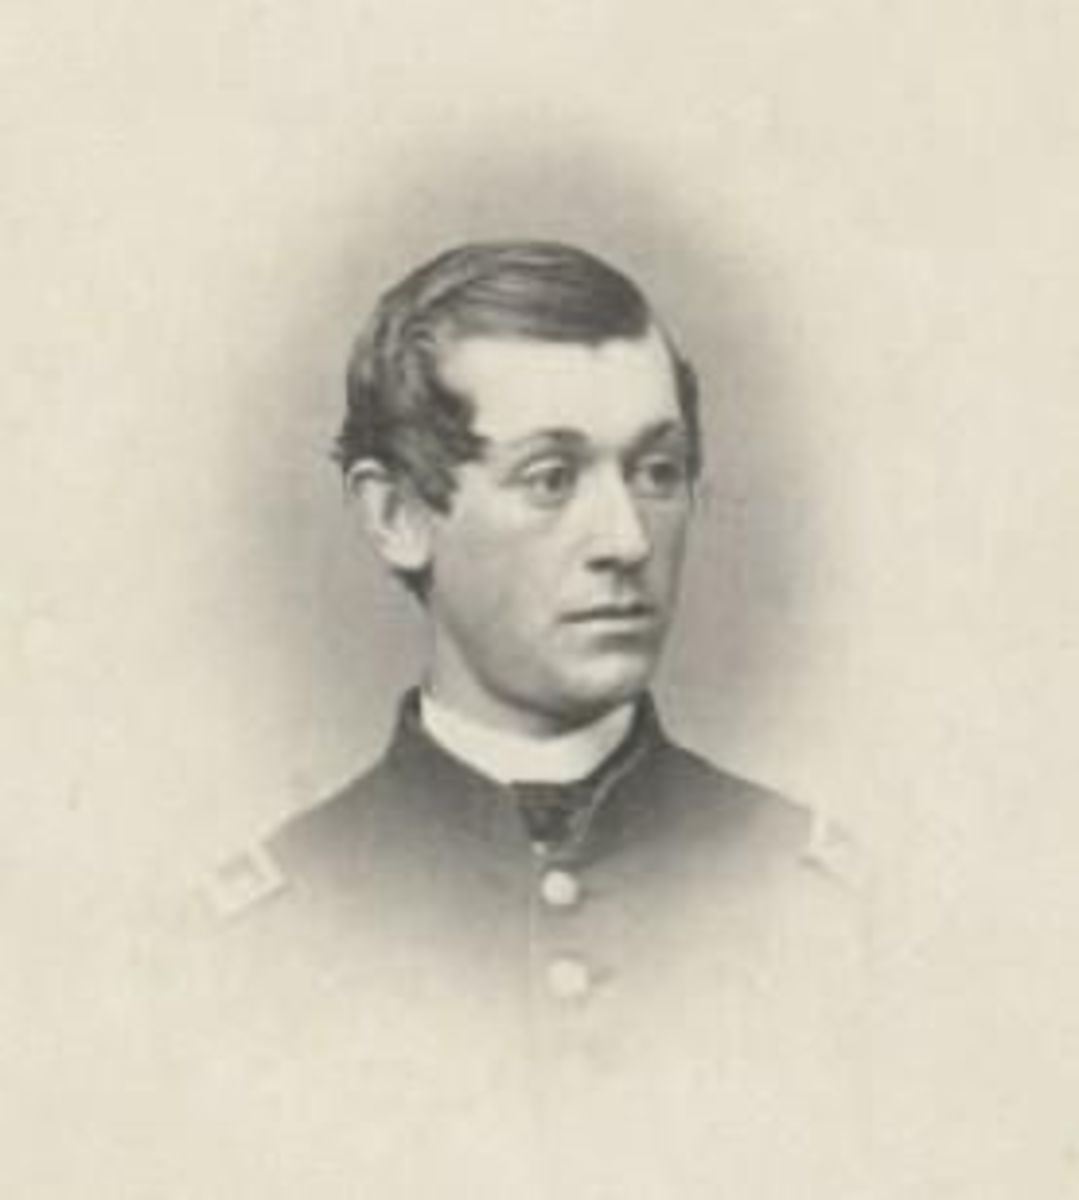 Philo L. Ives